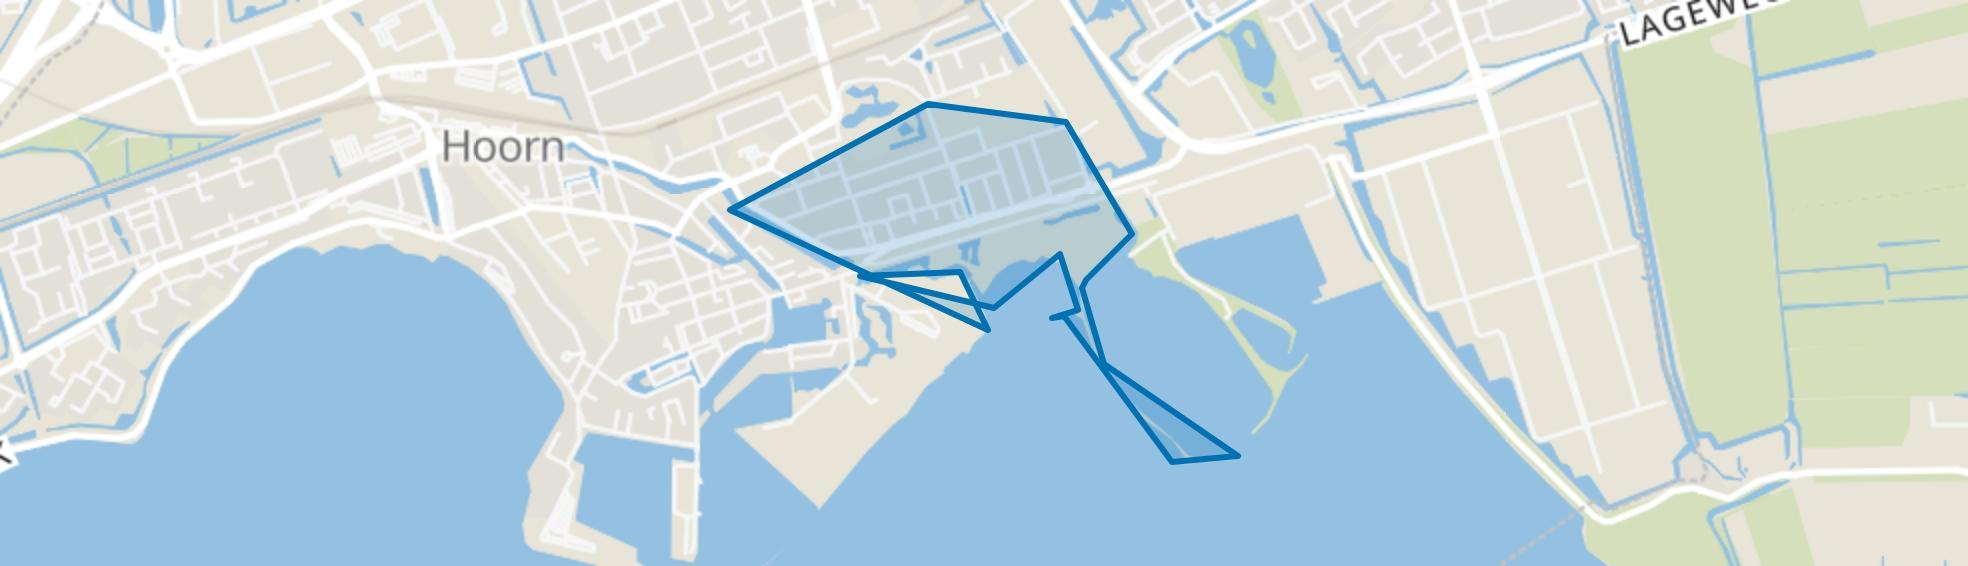 Venelaankwartier - Buurt 11 02, Hoorn (NH) map